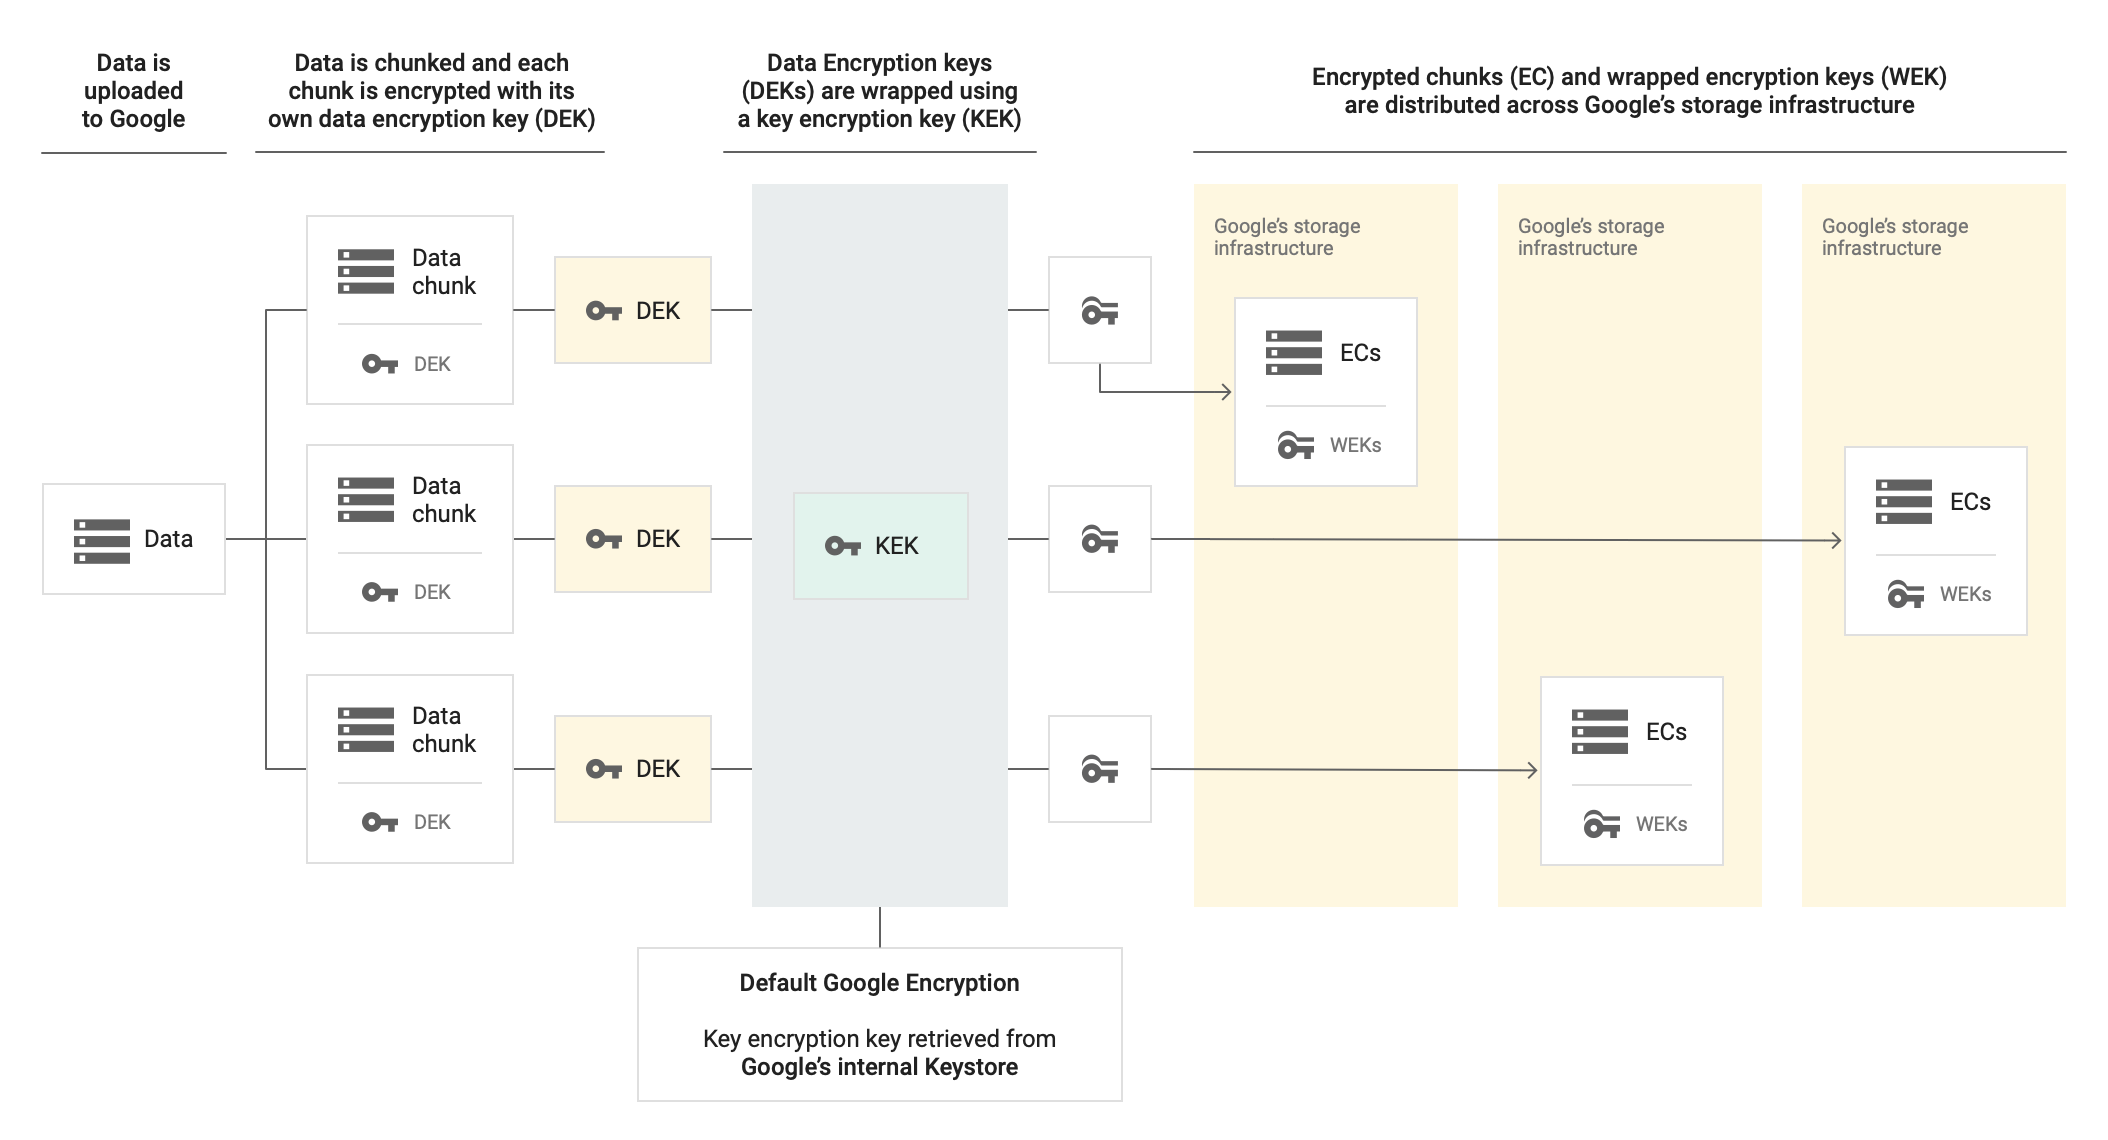 Os dados são enviados ao Google e divididos em blocos. Cada bloco é criptografado com a própria chave de criptografia de dados. As chaves de criptografia de dados são encapsuladas por uma chave de criptografia de chaves. Com a criptografia padrão do Google, a chave de criptografia de chaves é recuperada do keystore interno do Google. Os blocos criptografados e as chaves de criptografia unidas são distribuídos pela infraestrutura de armazenamento do Google.